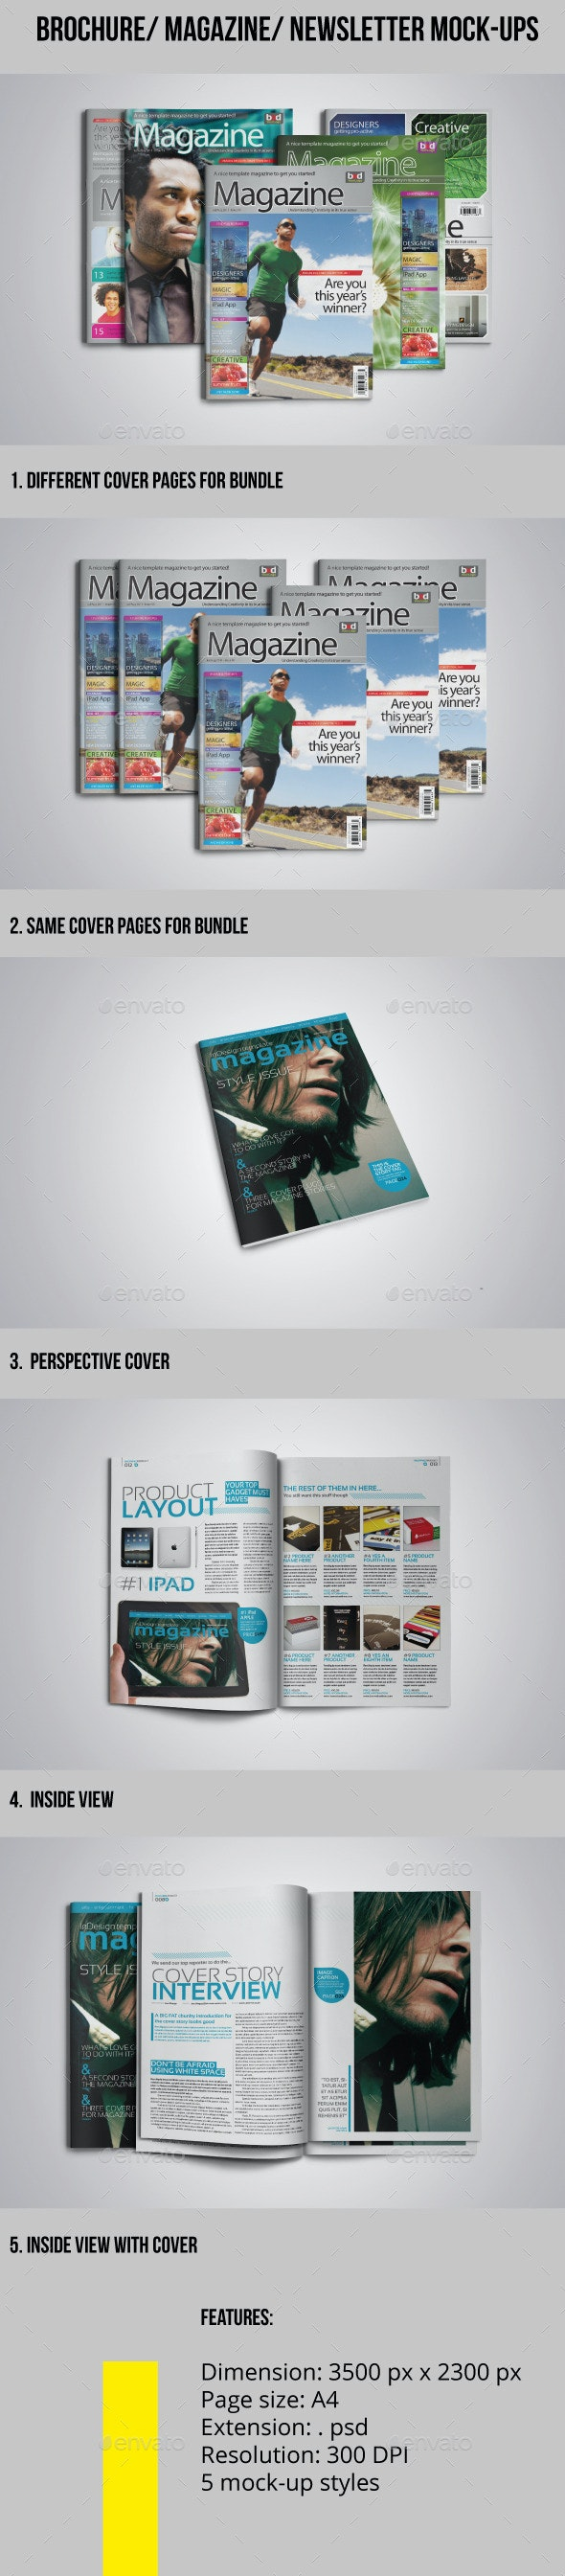 Brochure-Magazine-Newsletter Mock-ups - Product Mock-Ups Graphics